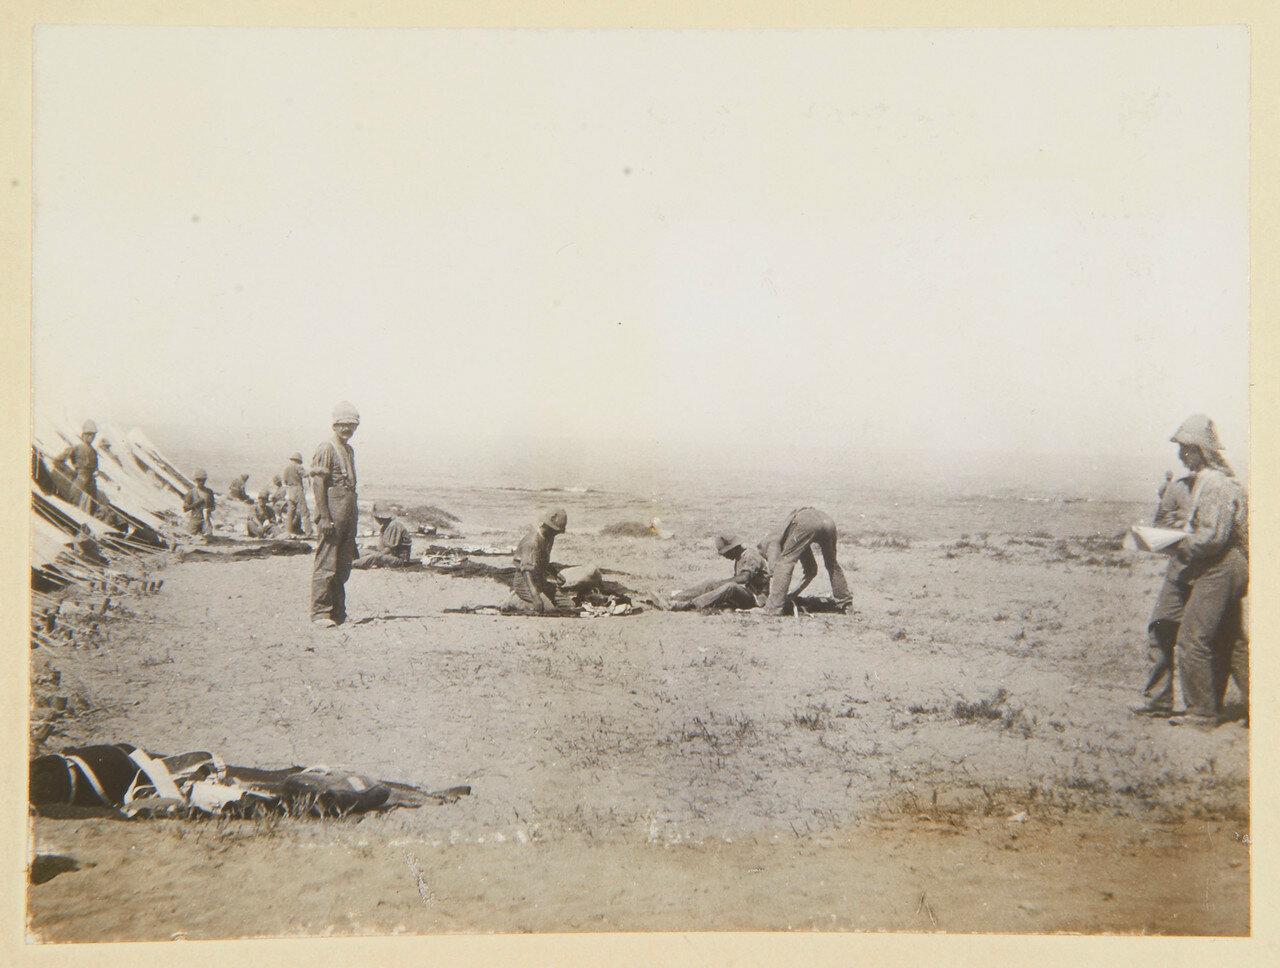 Гренадеры в Сиди Габер возле Александрии чистят обмундирование на берегу моря